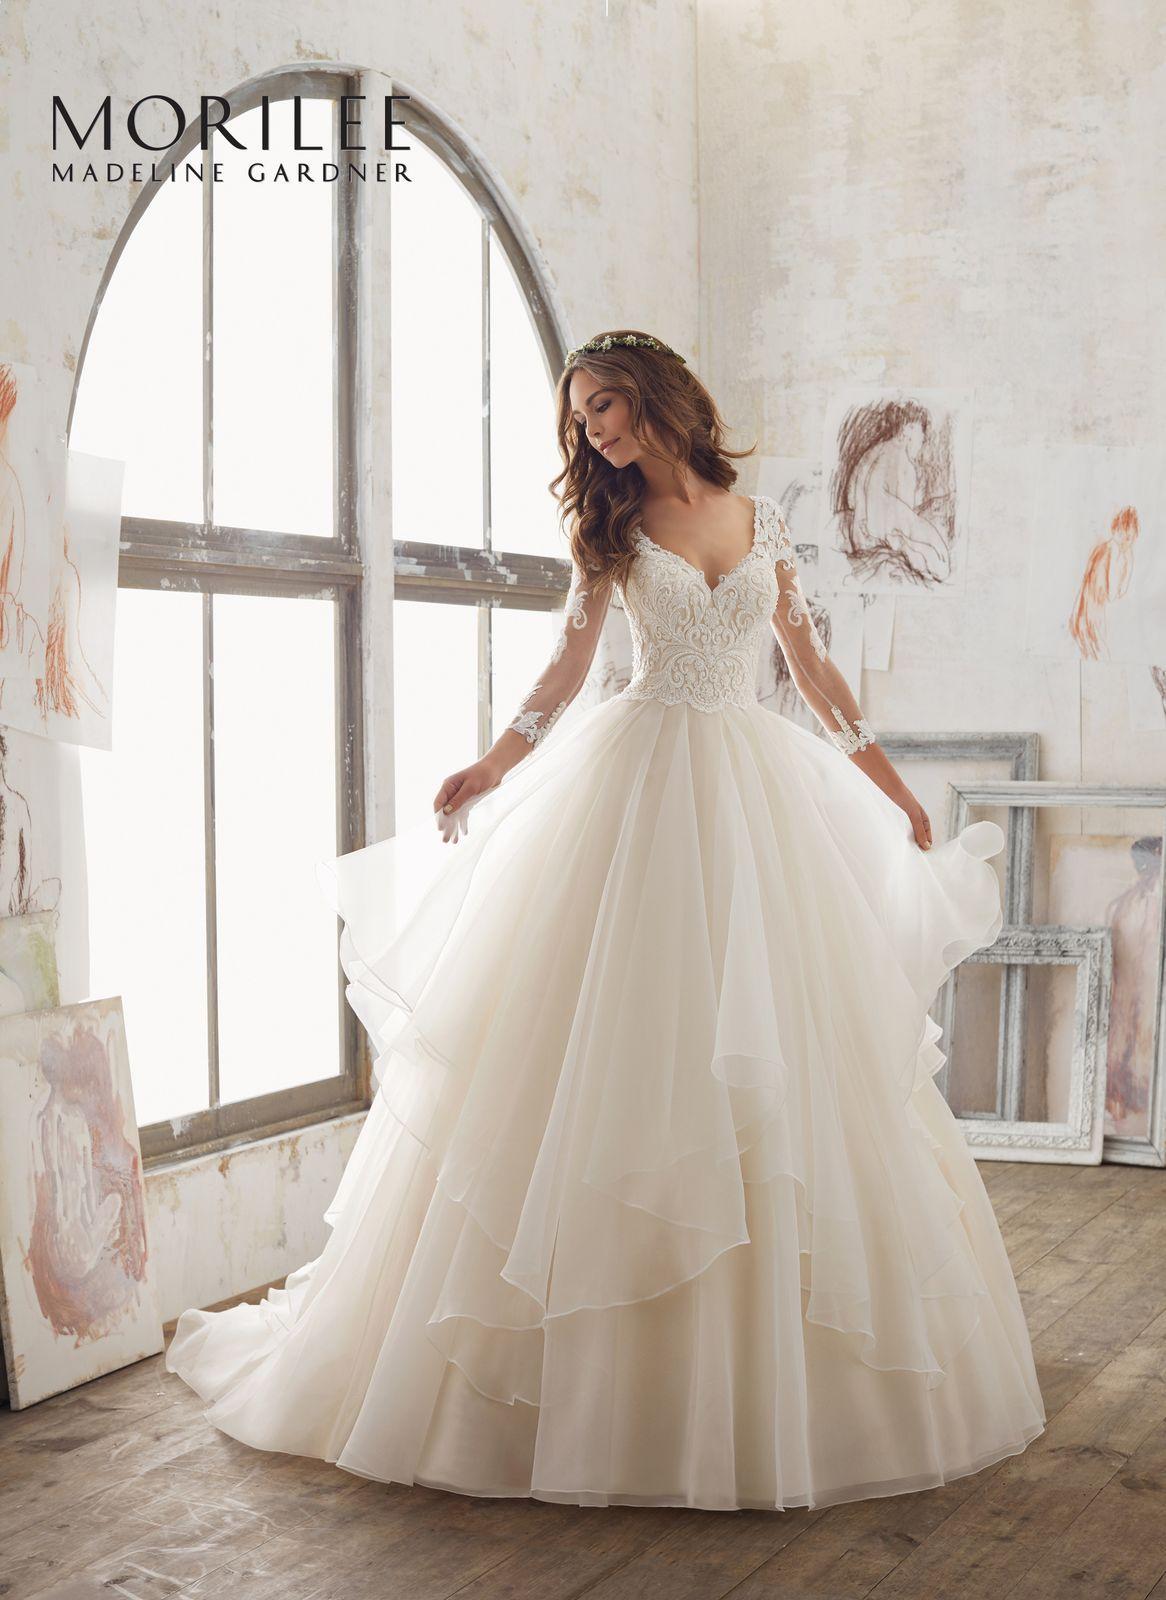 Chwalebne Elegancka suknia z koronkowym gorsetem, rękaw ¾ i warstwowa QQ89